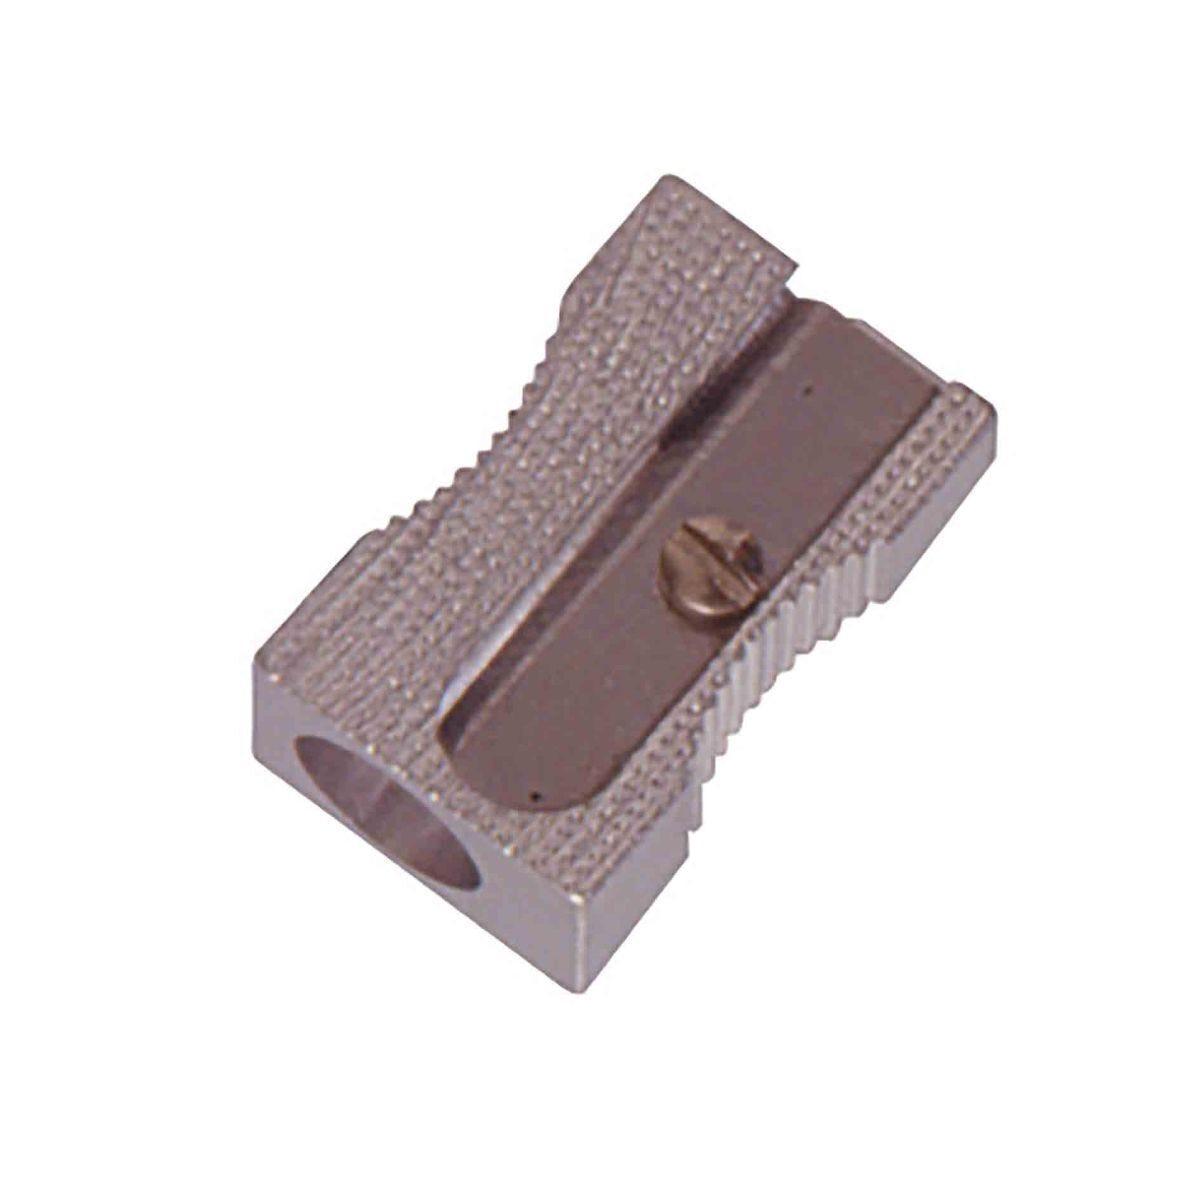 Aluminium Pencil Sharpener Pack of 24